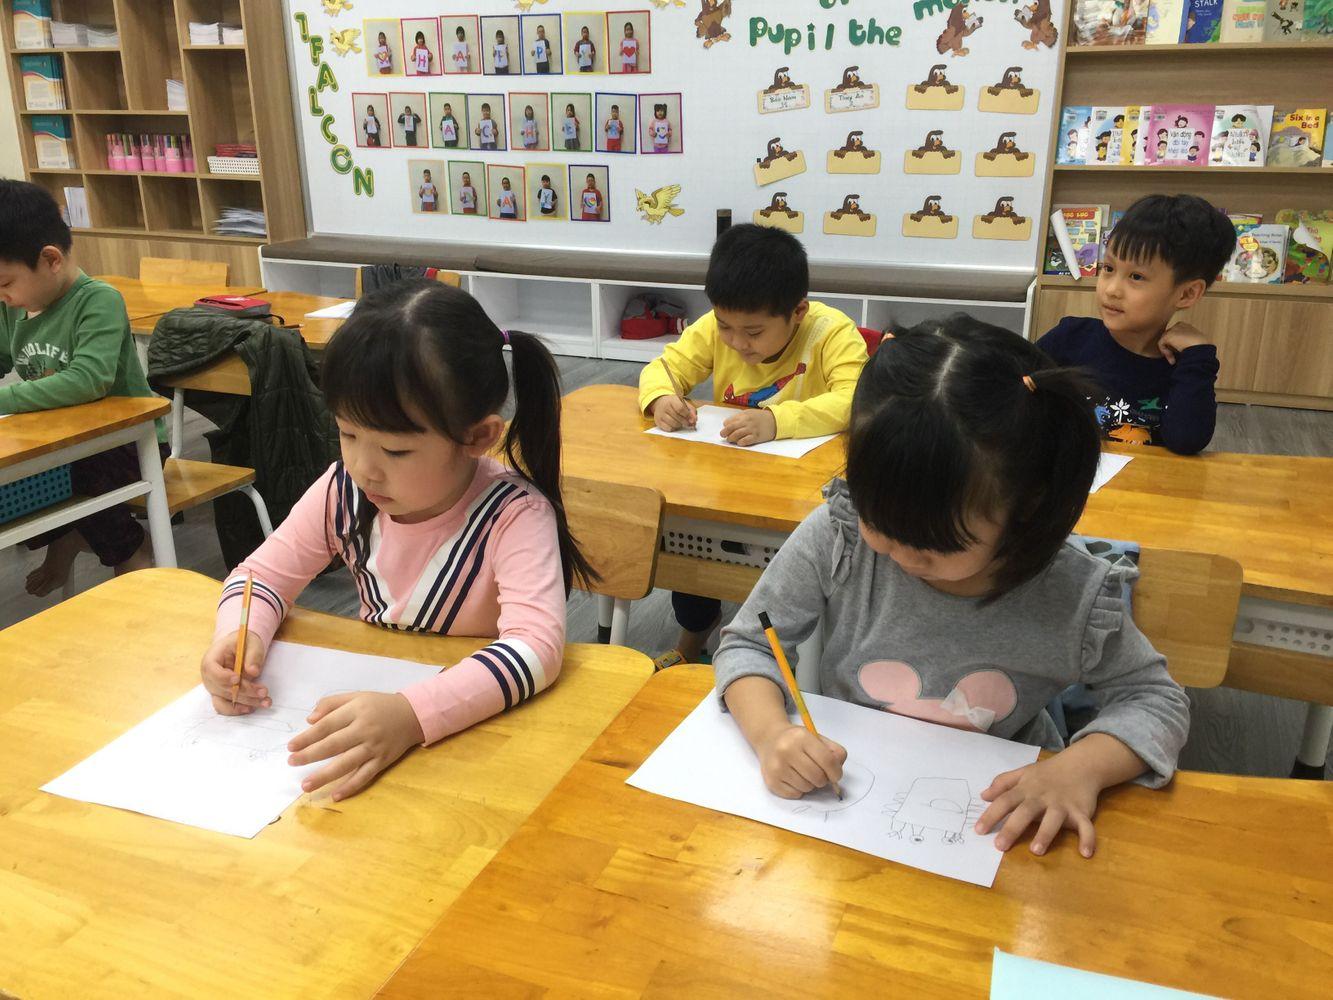 Khối Mẫu giáo lớn được trang bị đầy đủ hành trang trong giai đoạn tiền tiểu học Trang chủ